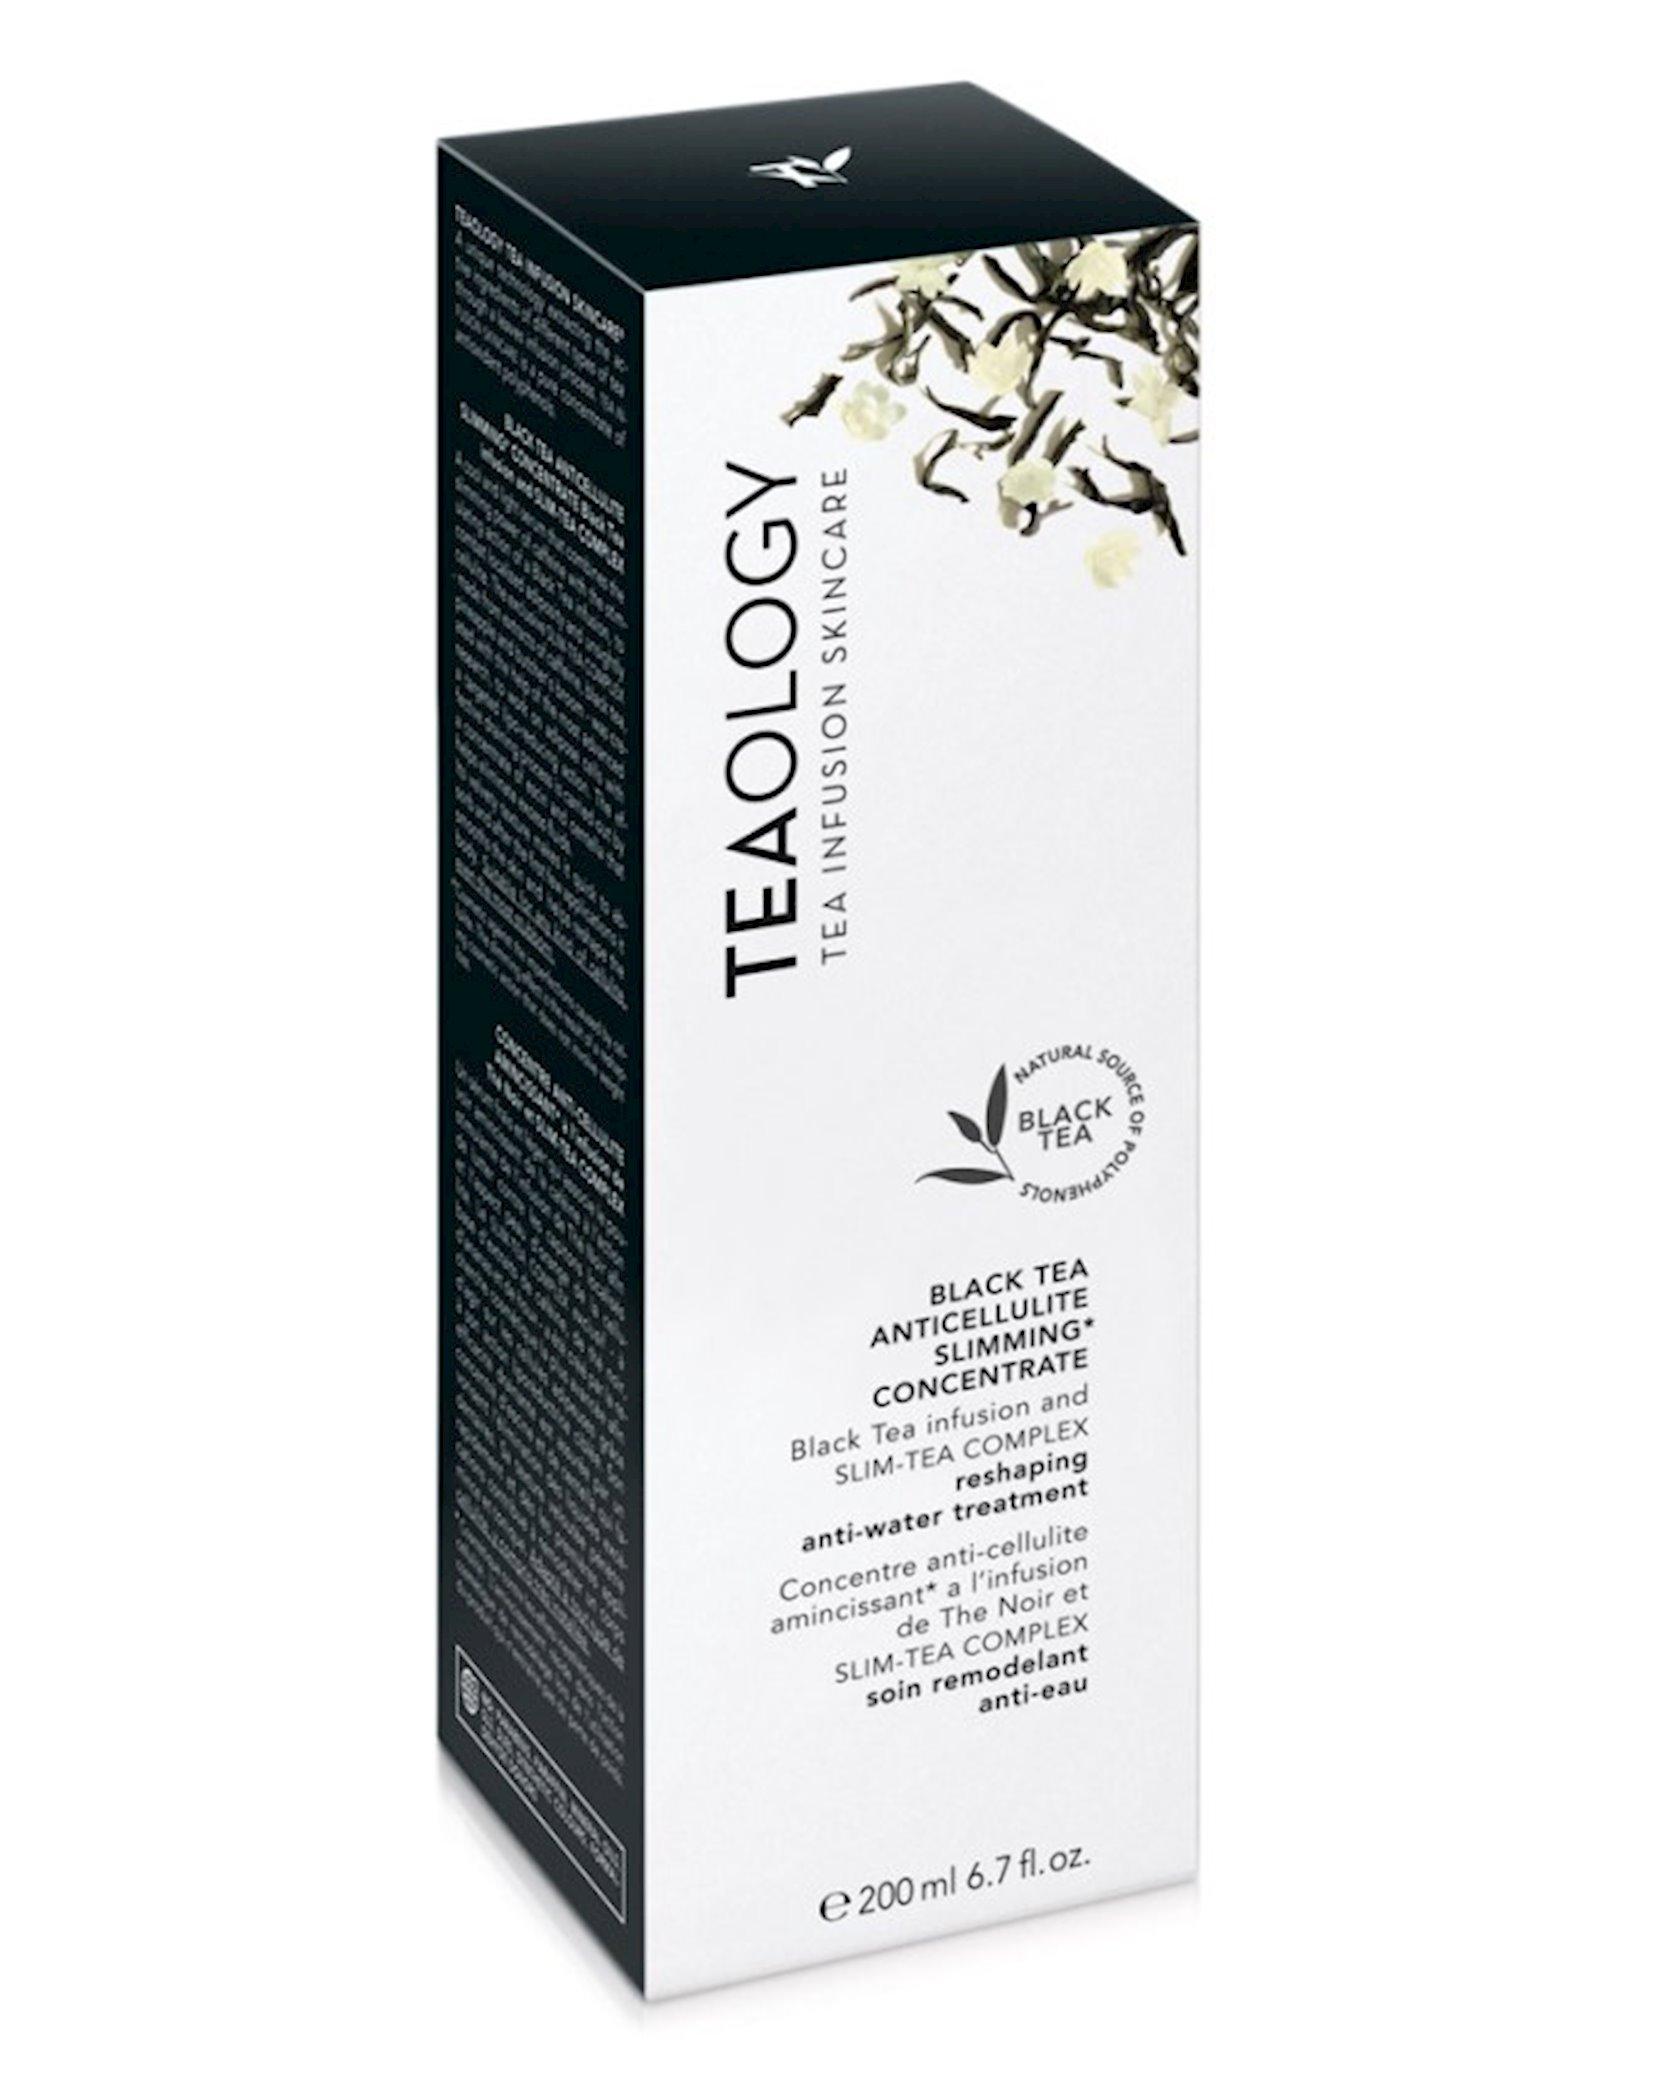 Bədən üçün konsetrat Teaology Anticellulite Black Tea 50 ml